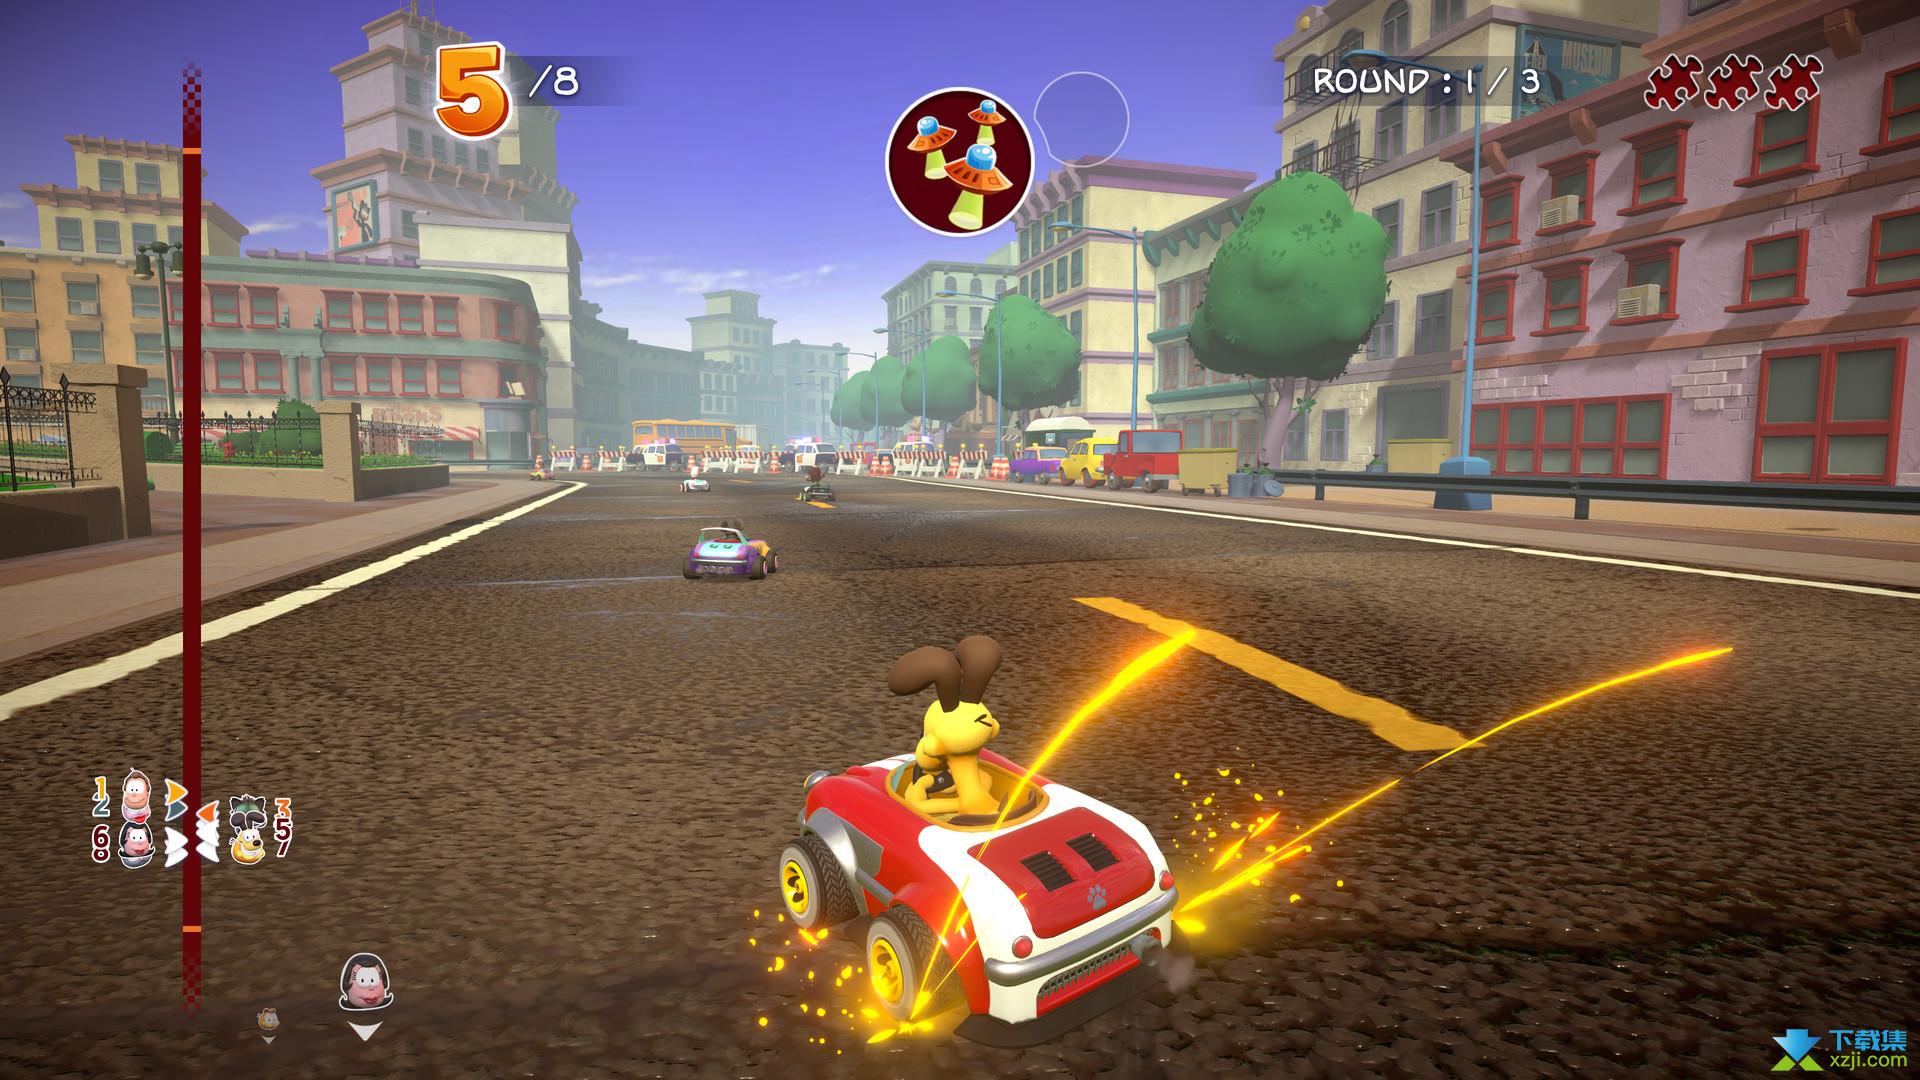 加菲猫卡丁车激情竞速界面1